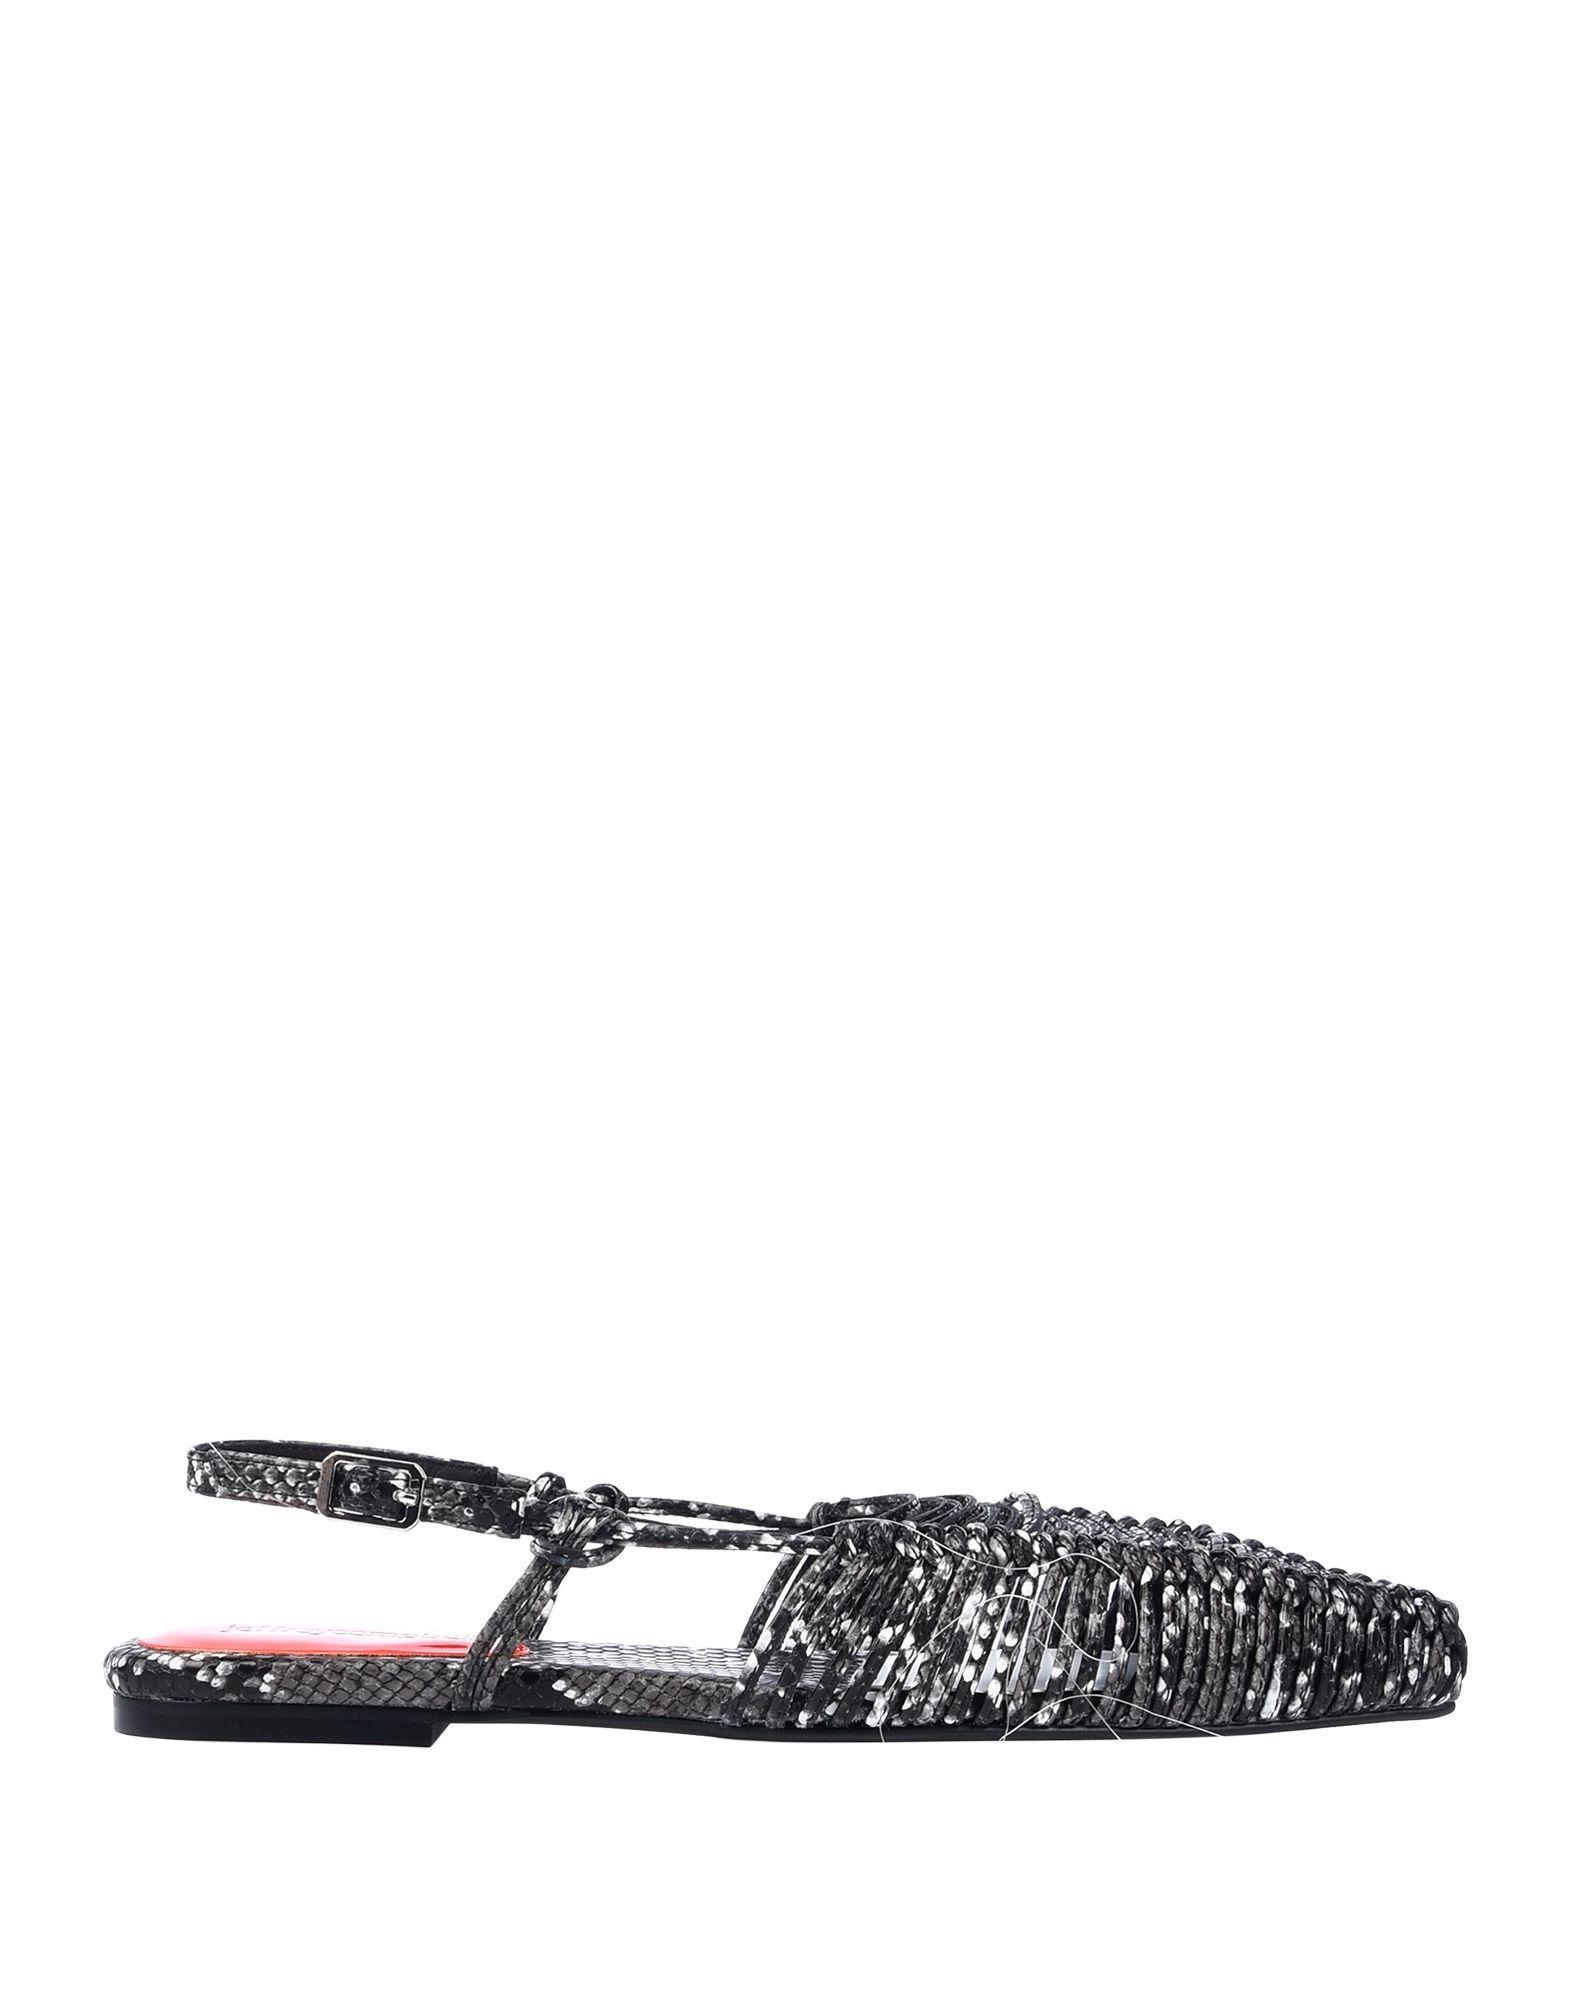 Jeffrey Campbell Women's Sandals Black Textile Fibres